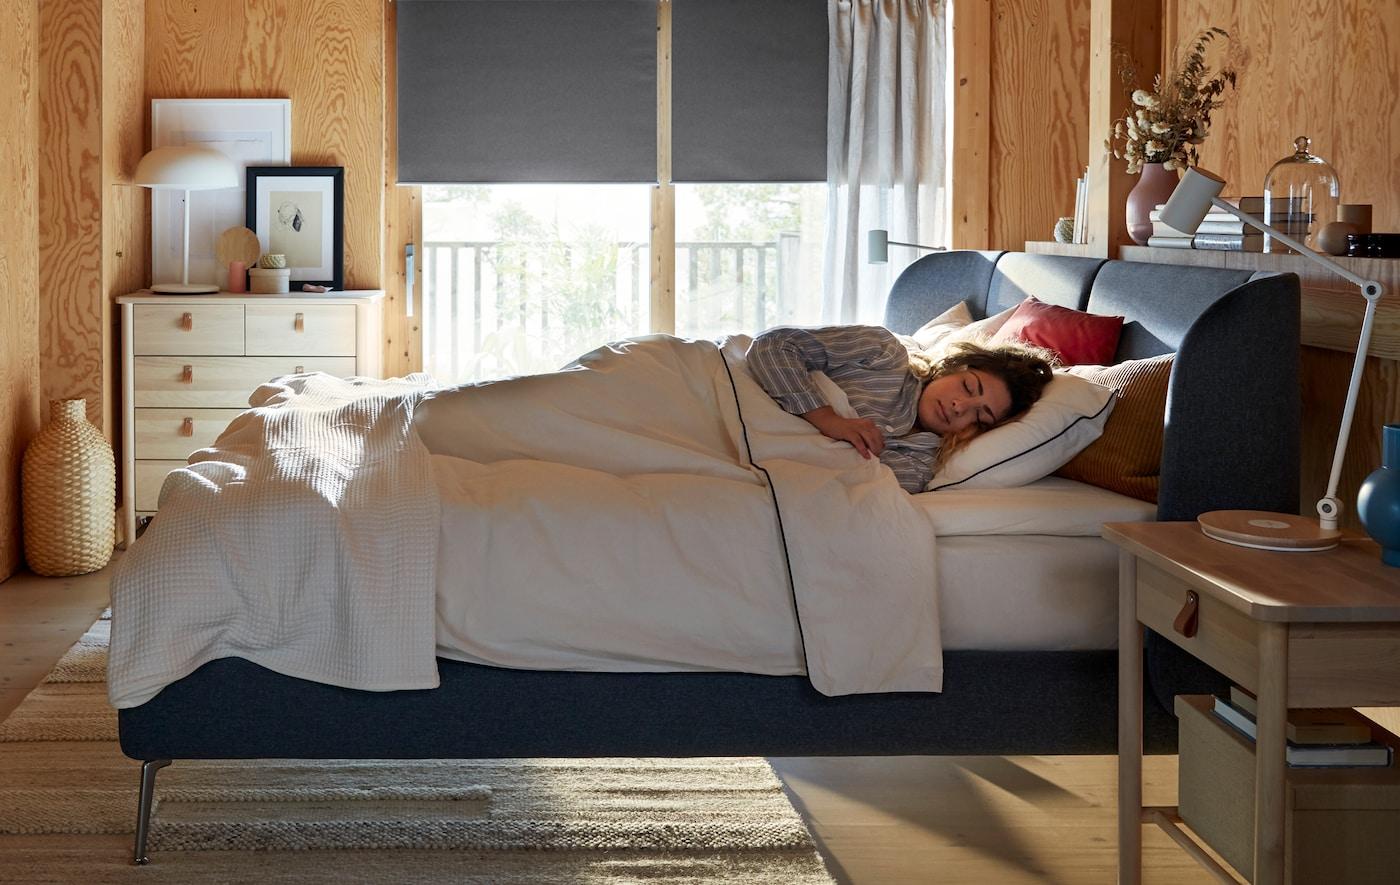 امرأة تستلقي نائمة في سرير TUFJORD أزرق بينما يتدفق الضوء عبر النافذة خلفها إلى الغرفة.